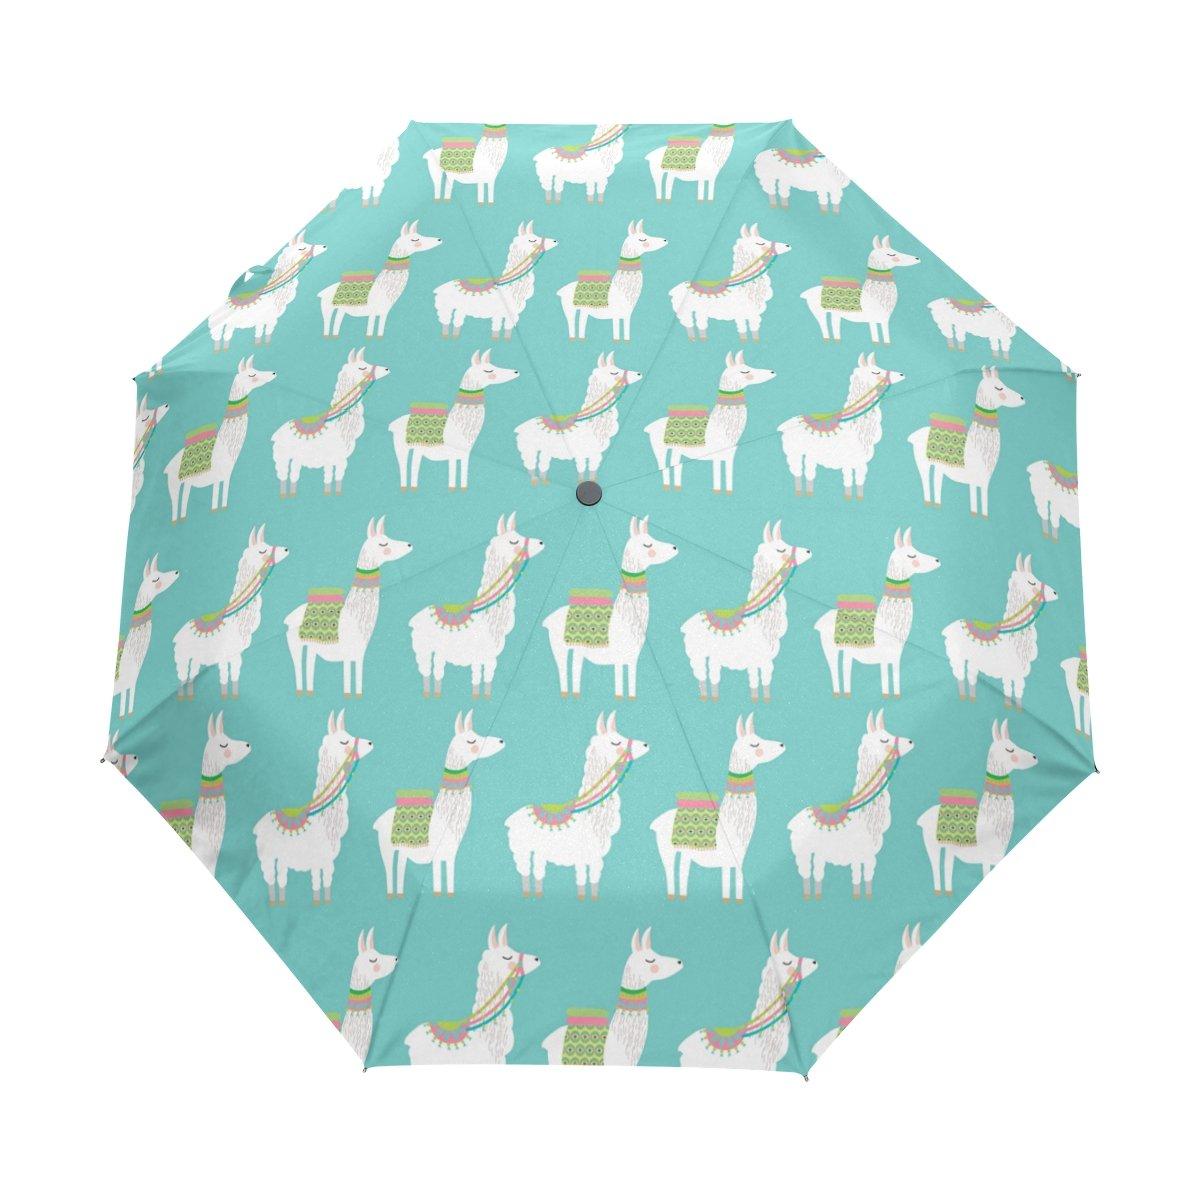 LAVOVO Cute Llama Pattern Umbrella Double Sided Canopy Auto Open Close Foldable Travel Rain Umbrellas B077C7M5SQ